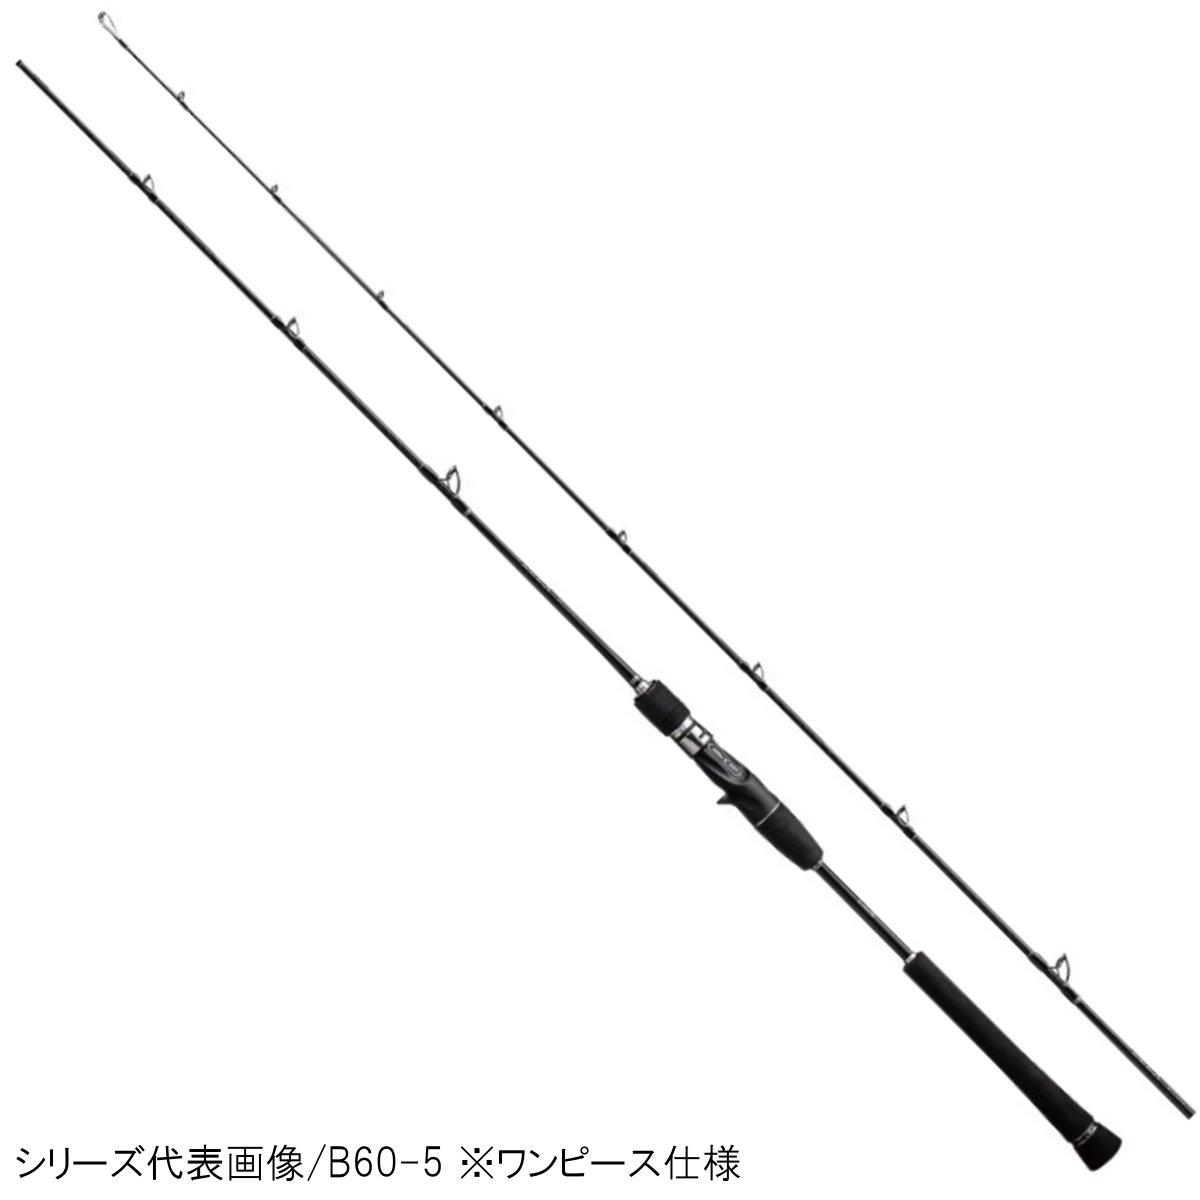 シマノ オシアジガー(ベイト) B60-4【大型商品】